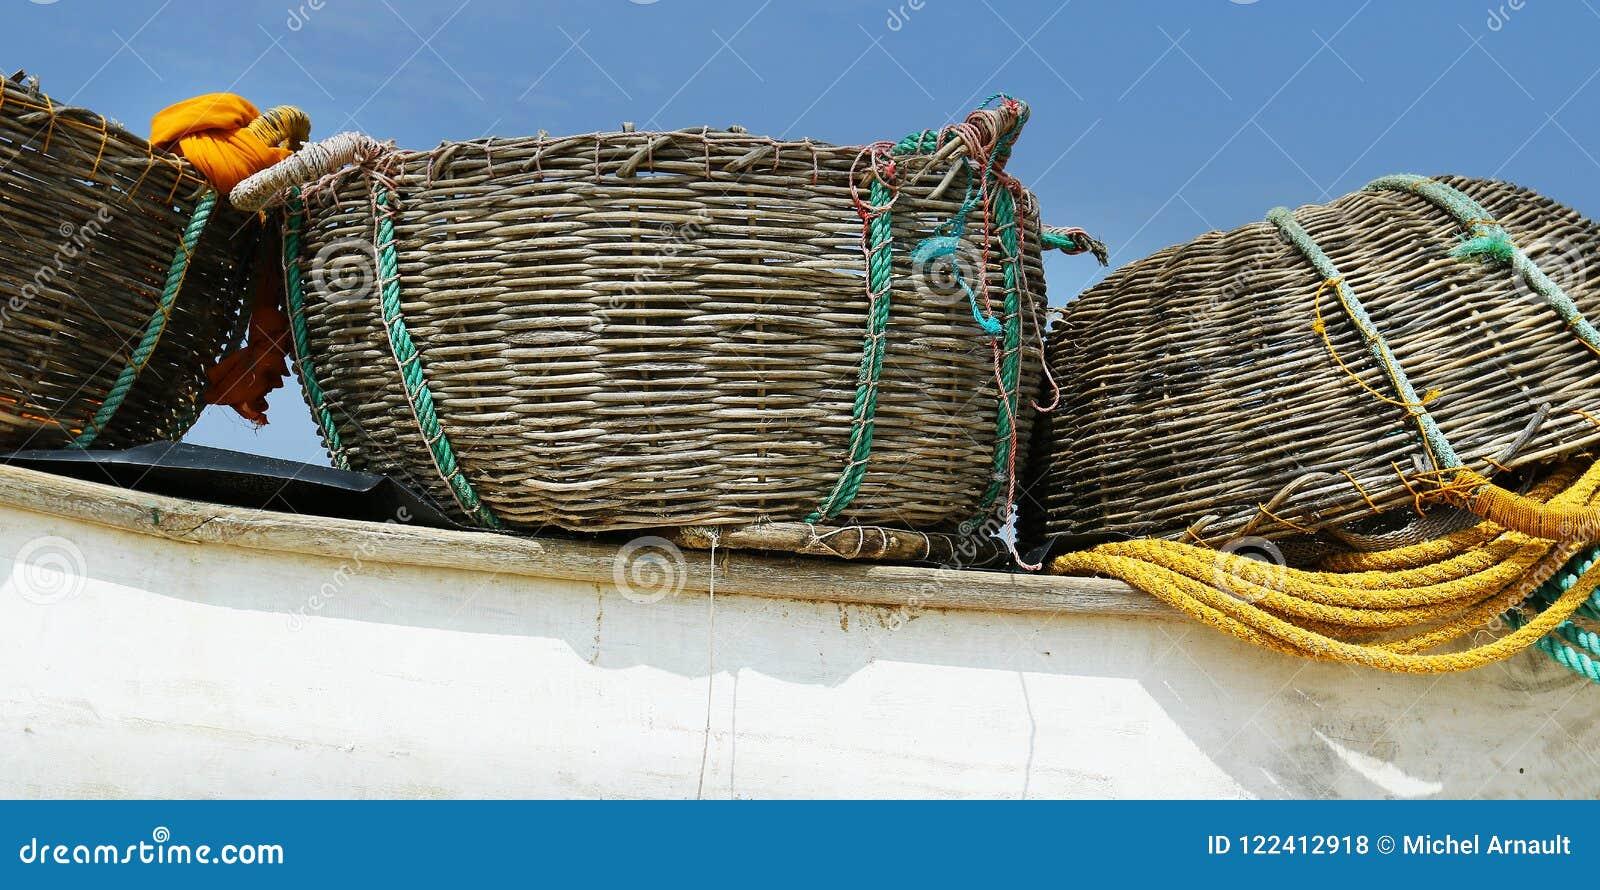 Detalhe de barco do pescador, com rede e cesta